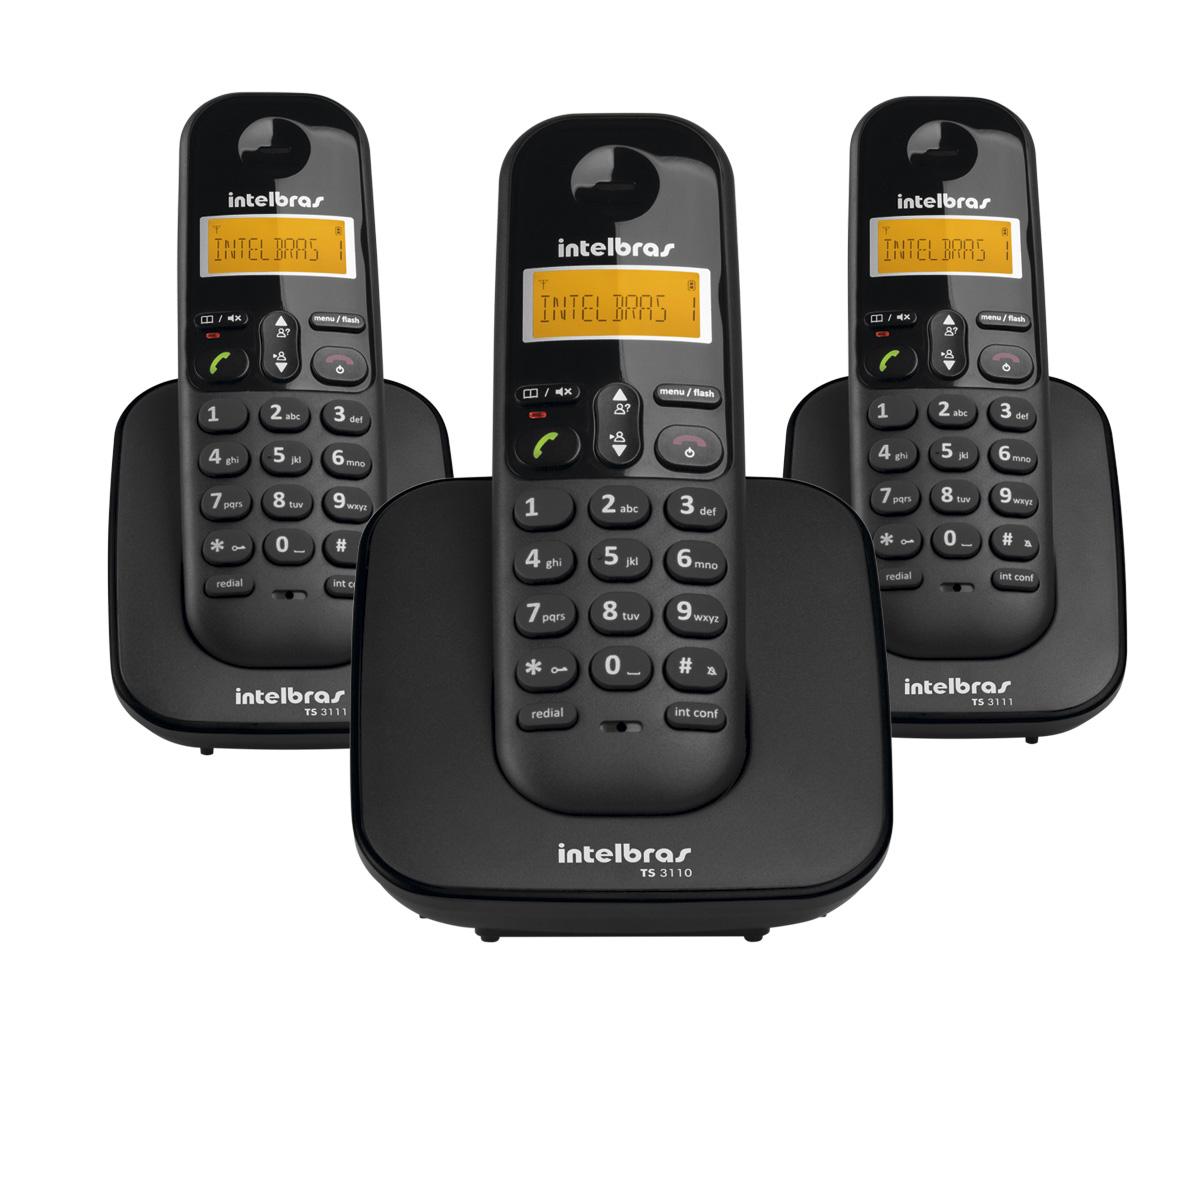 Telefone Intelbras TS 3113 sem fio - Hope Tech Telecomunicações